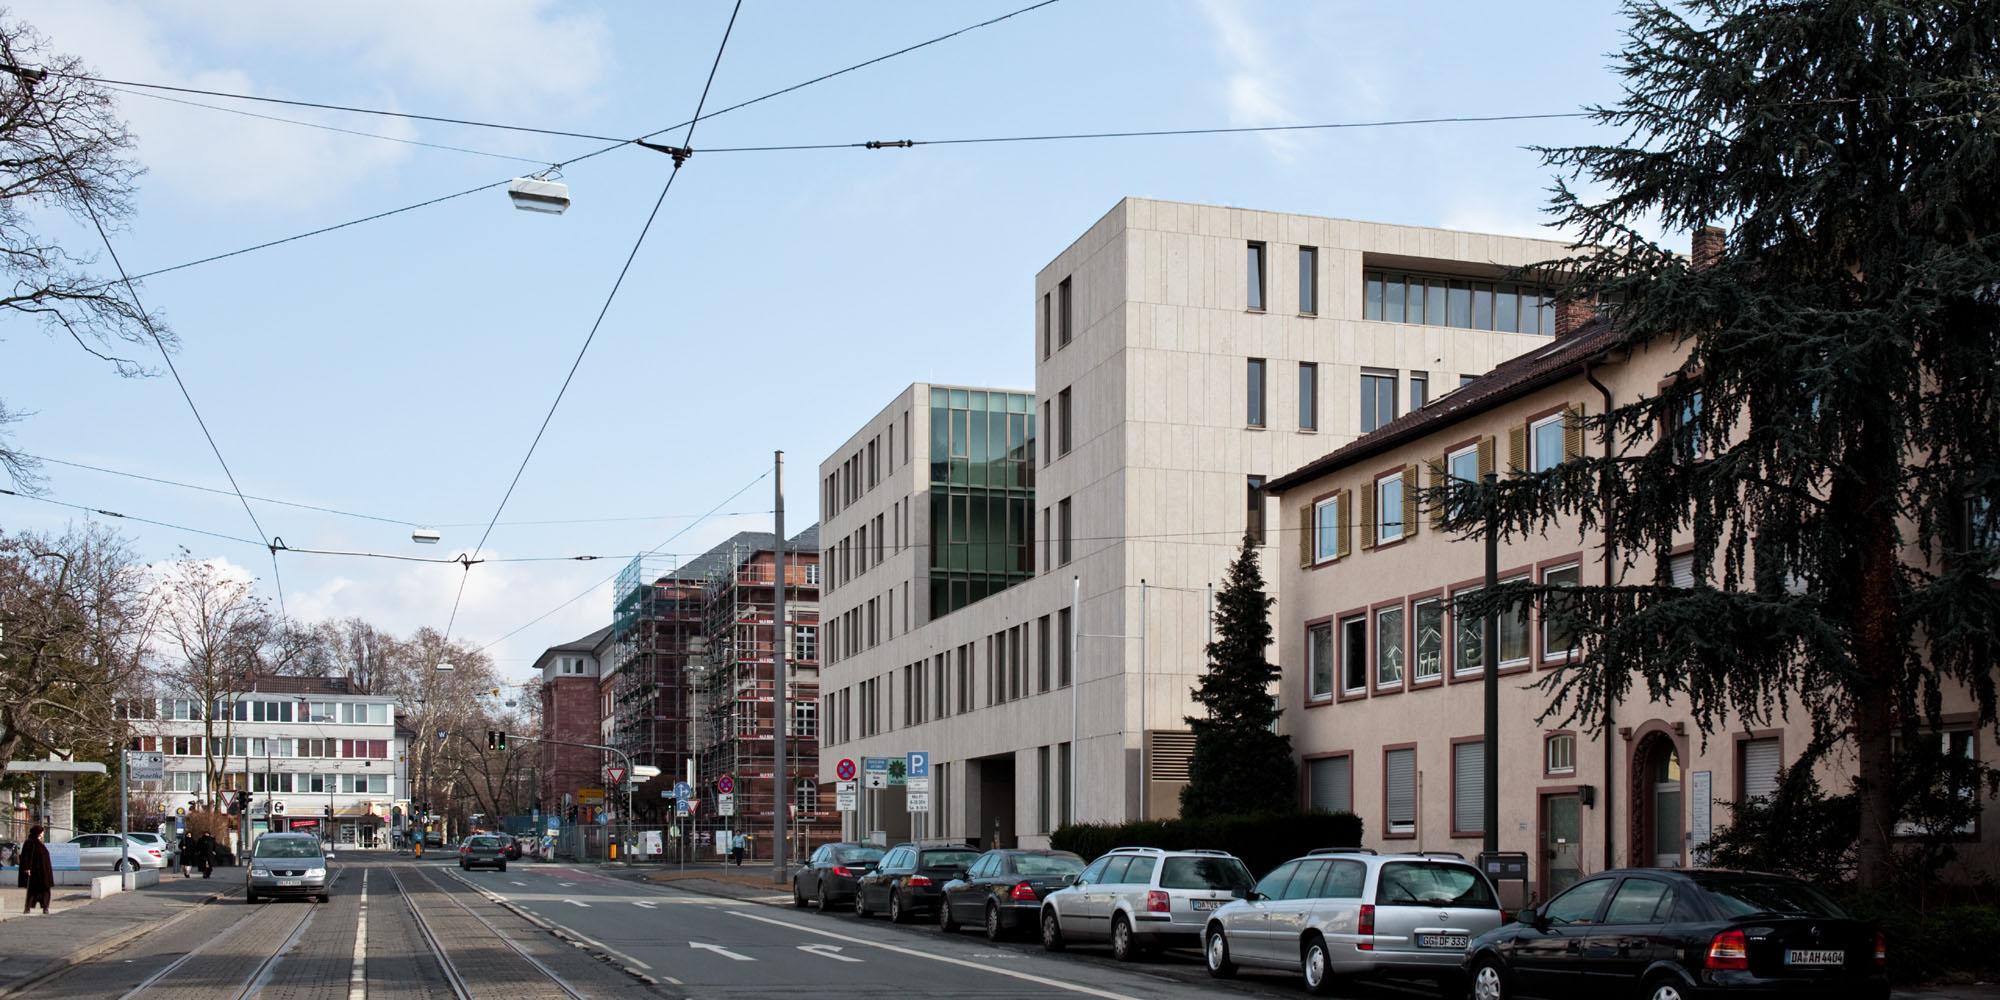 Justizzentrum Aussenansicht 2